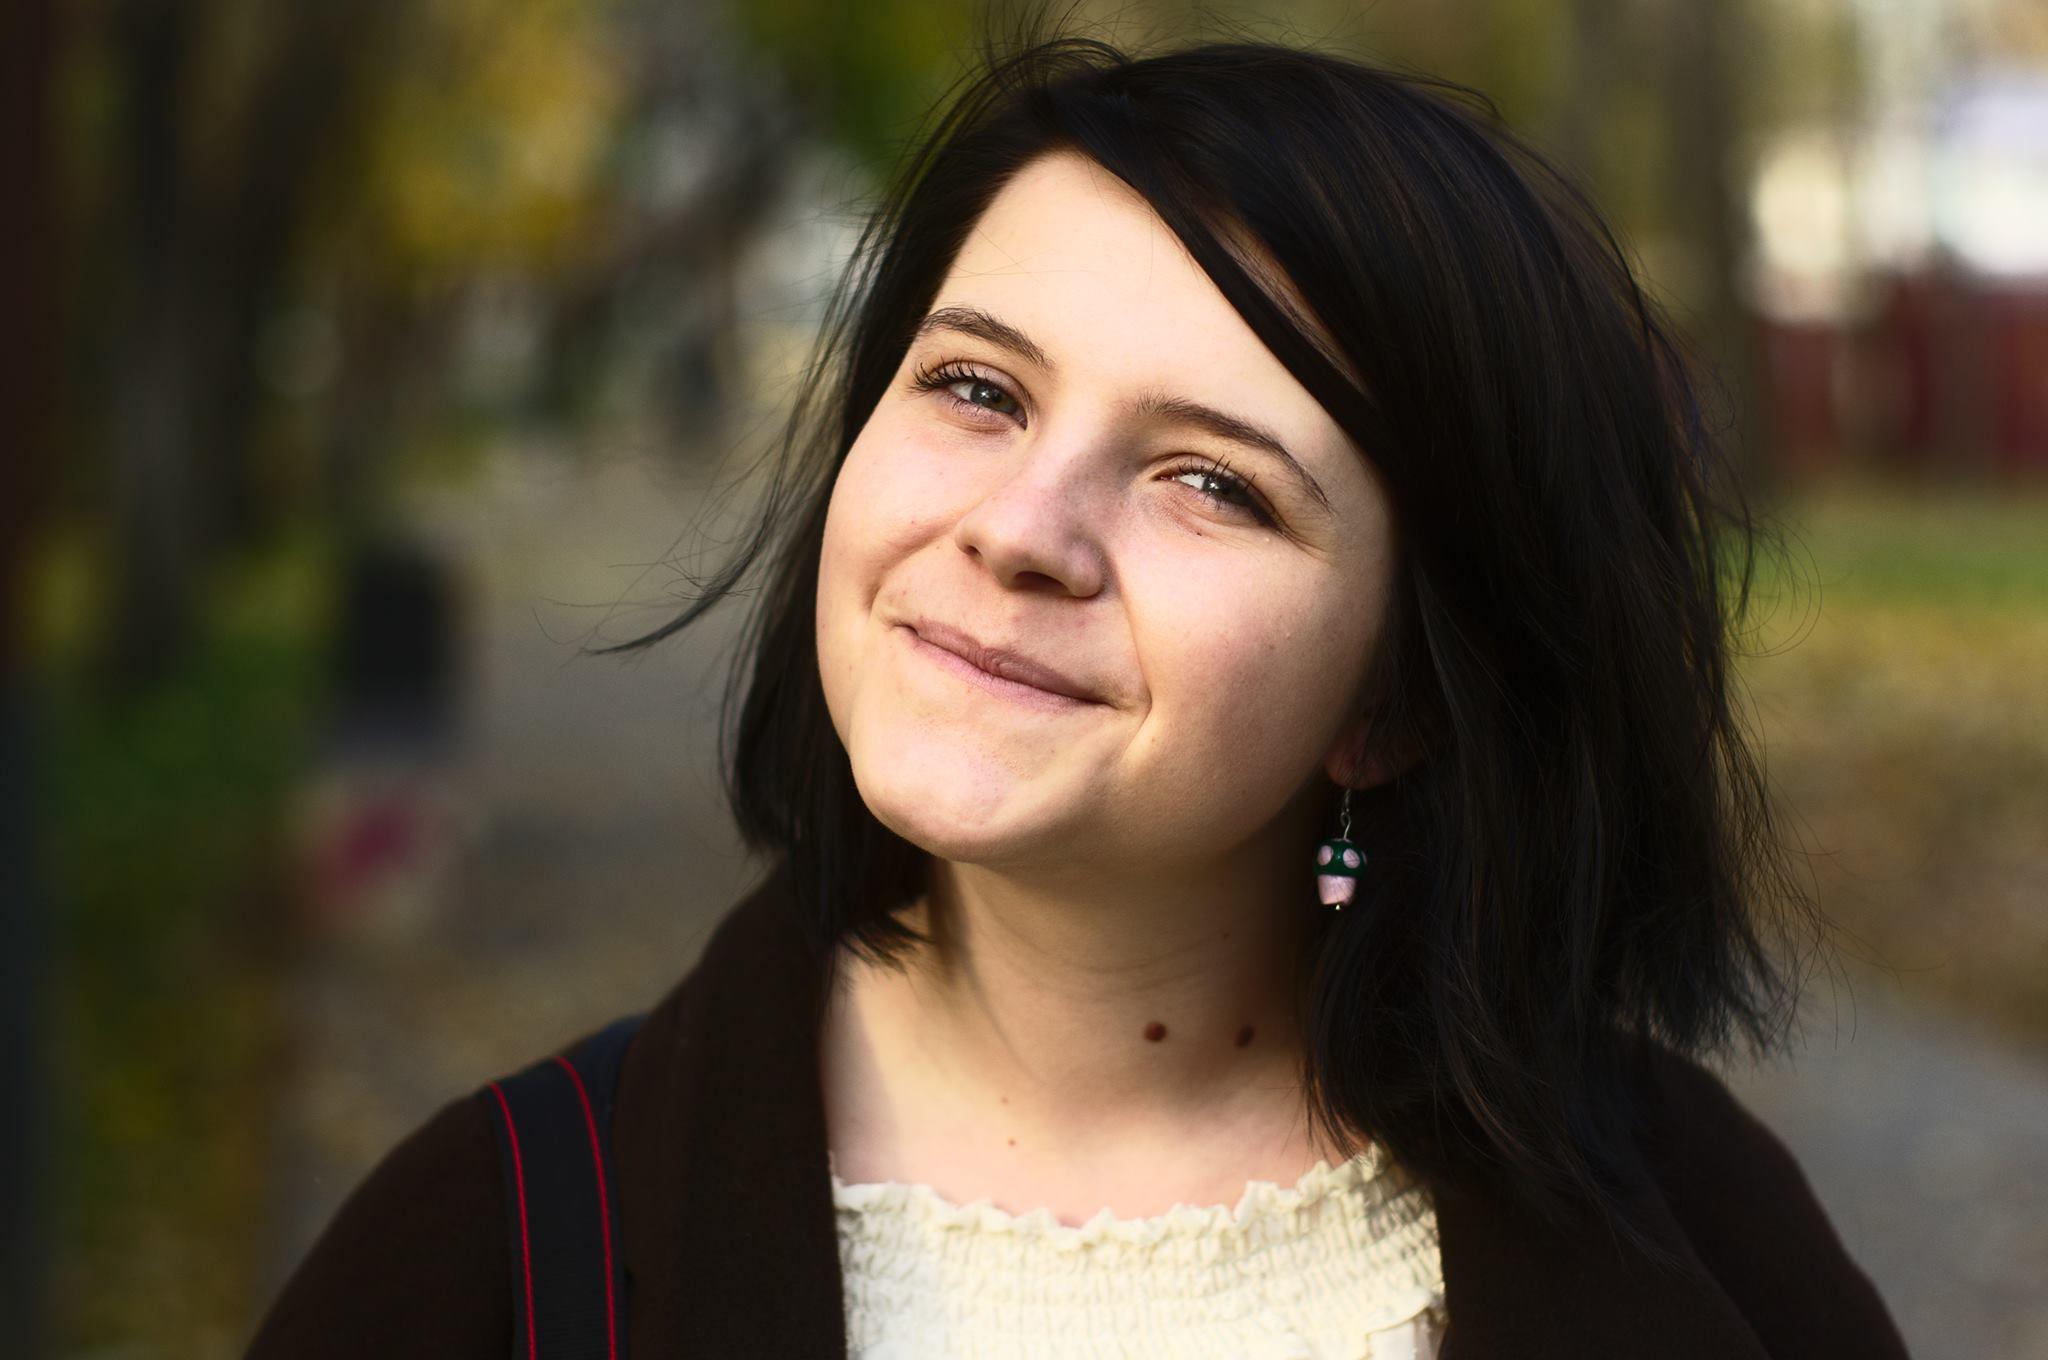 IoanaCiornei photo